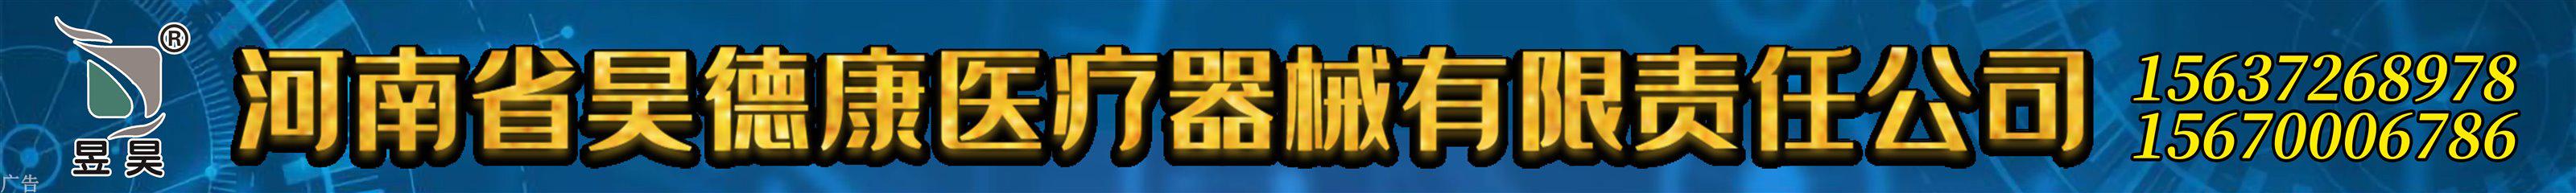 河南省昊德康醫療器械有限責任公司